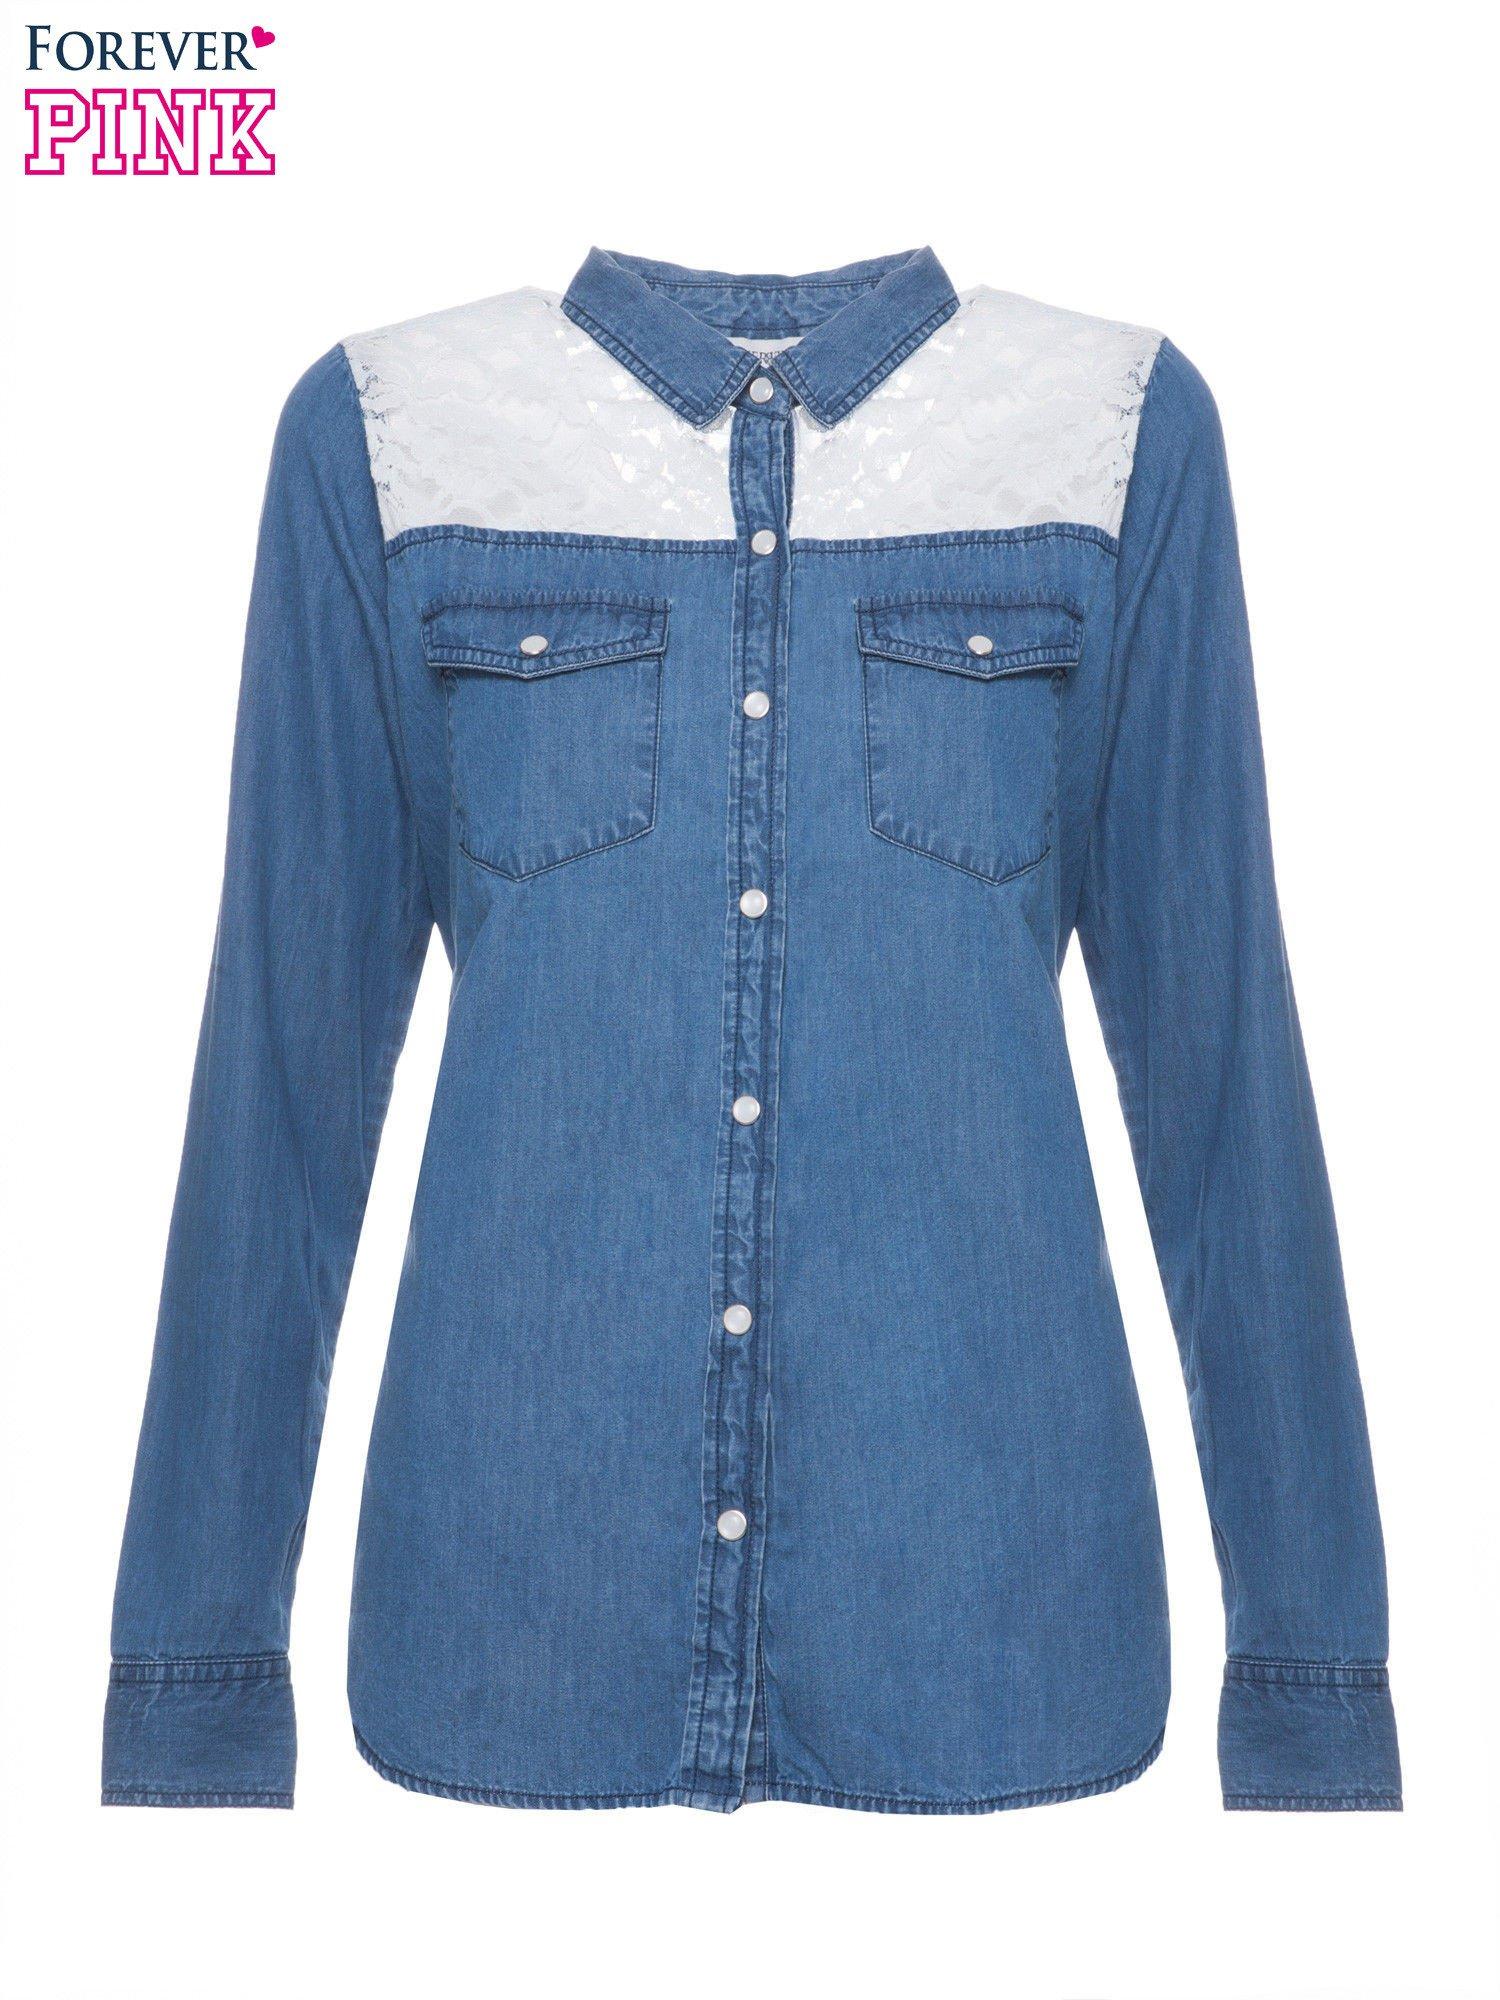 Niebieska koszula jeansowa z koronkową wstawką                                  zdj.                                  2